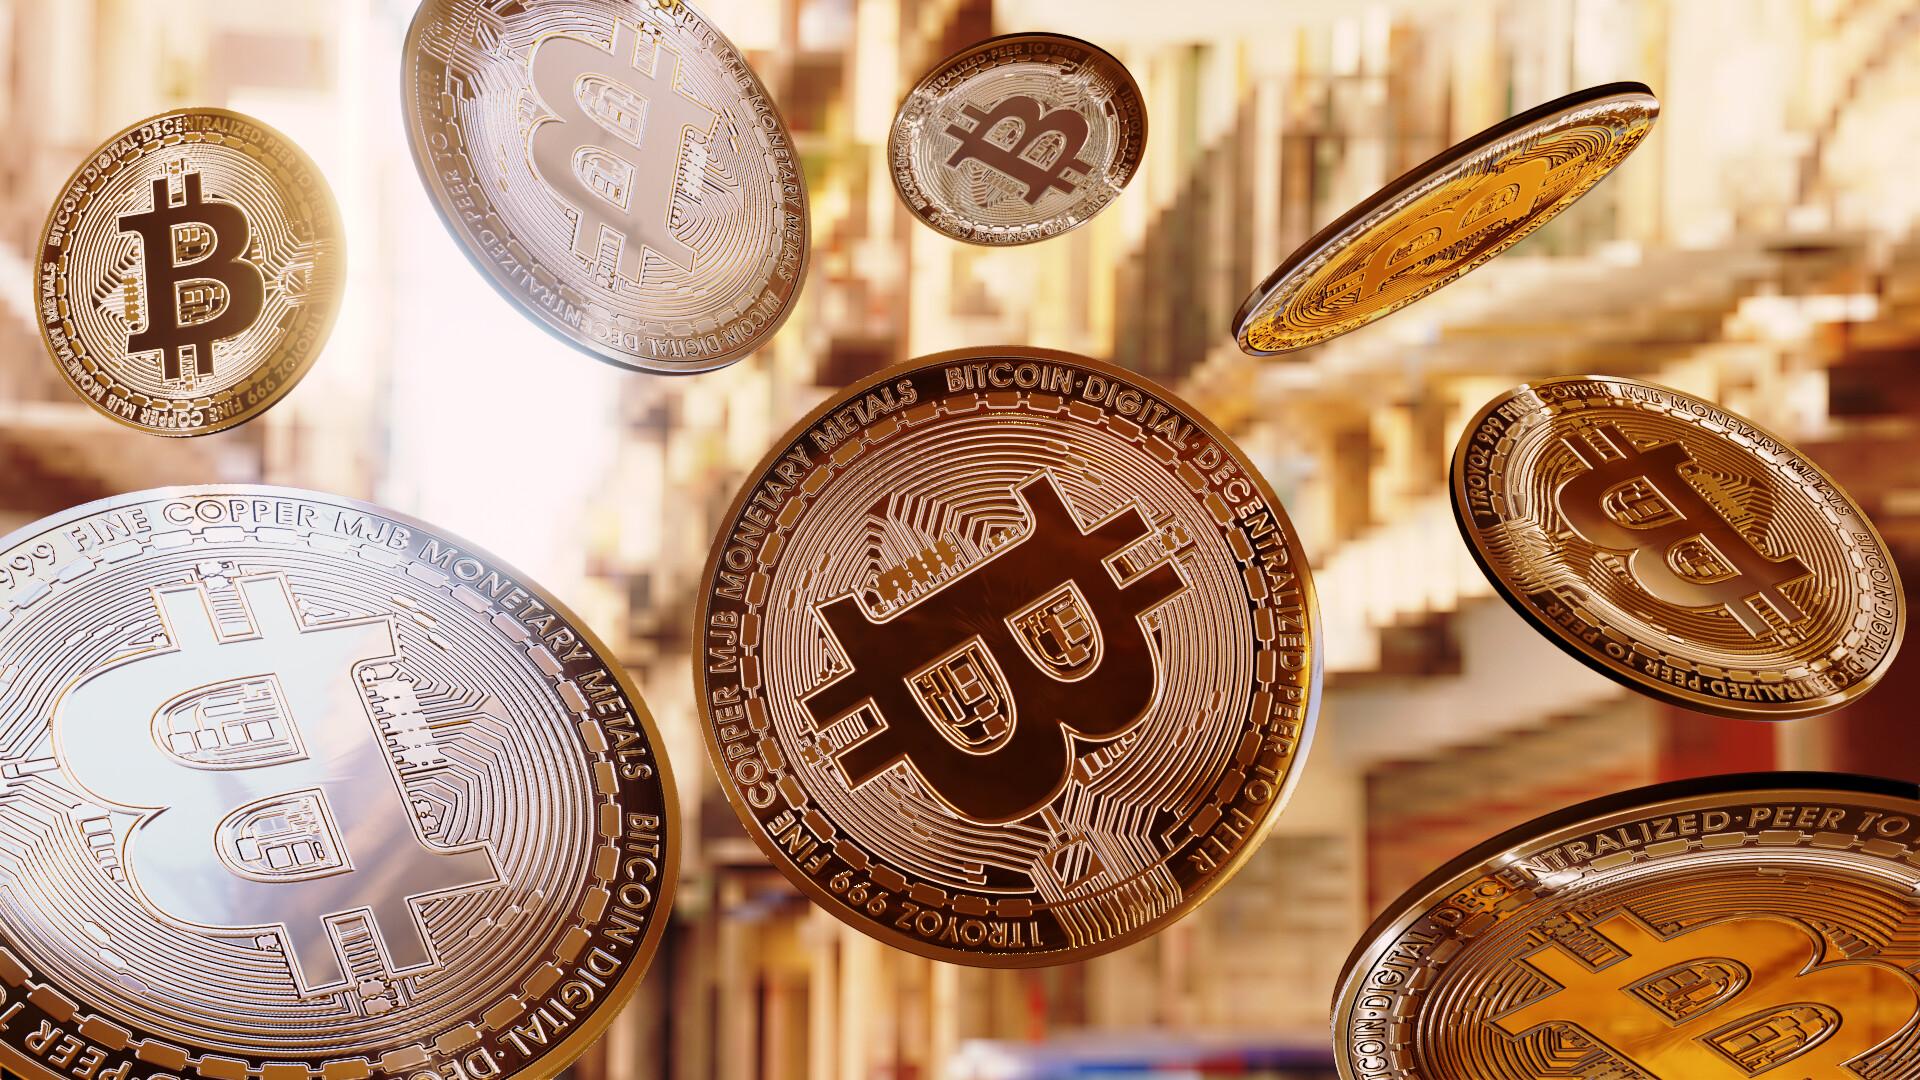 GBTC Premiumđang trên đà phục hồi, Bitcoin lập tức chạm ngưỡng 40.000 USD